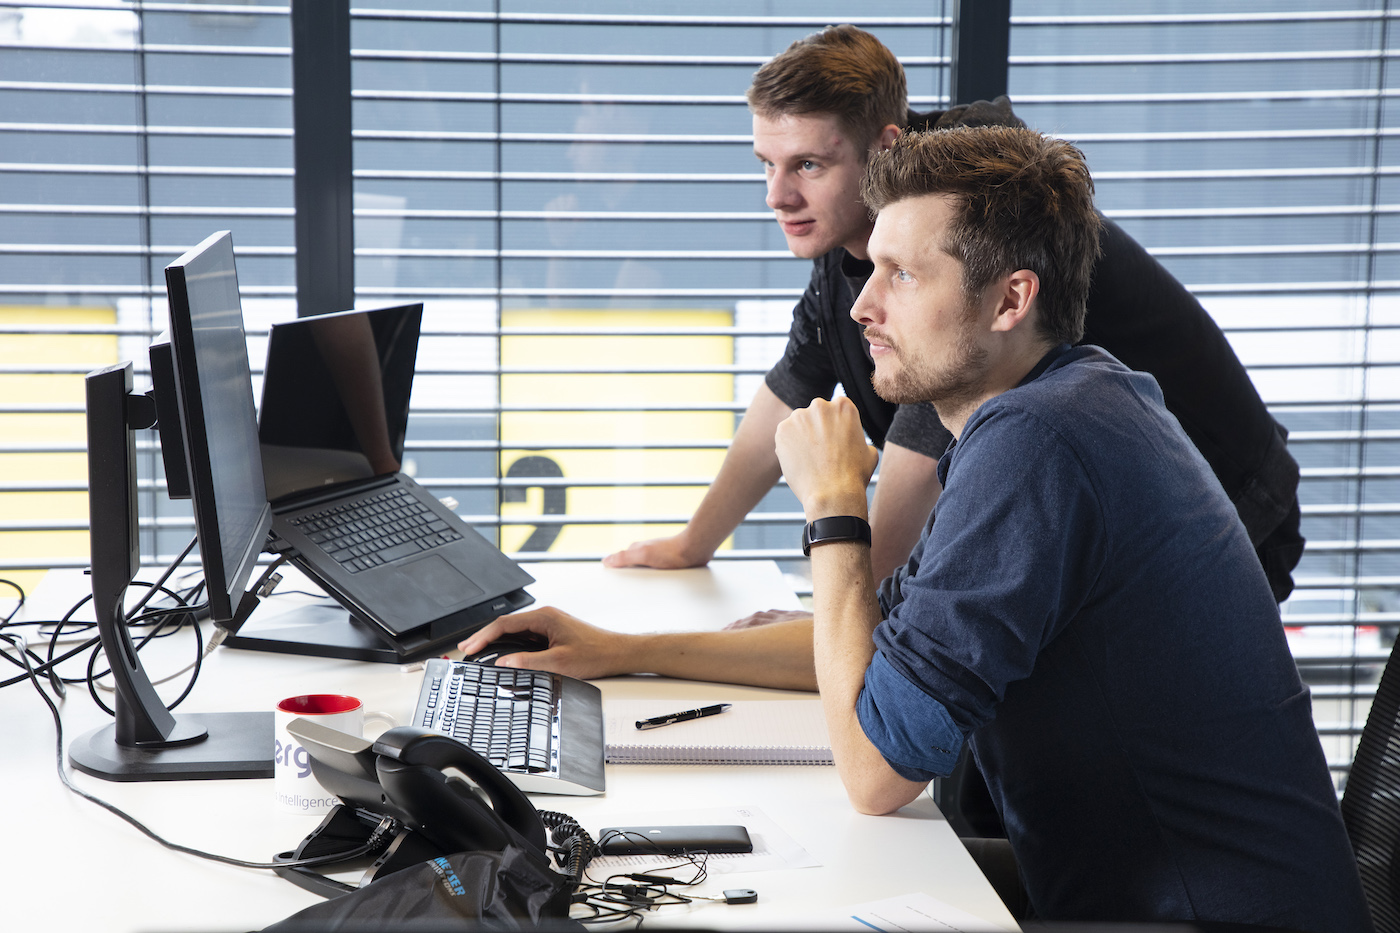 Vermijd een doolhof, maak een speurtocht: 5 tips voor de presentatie van online planning & control producten